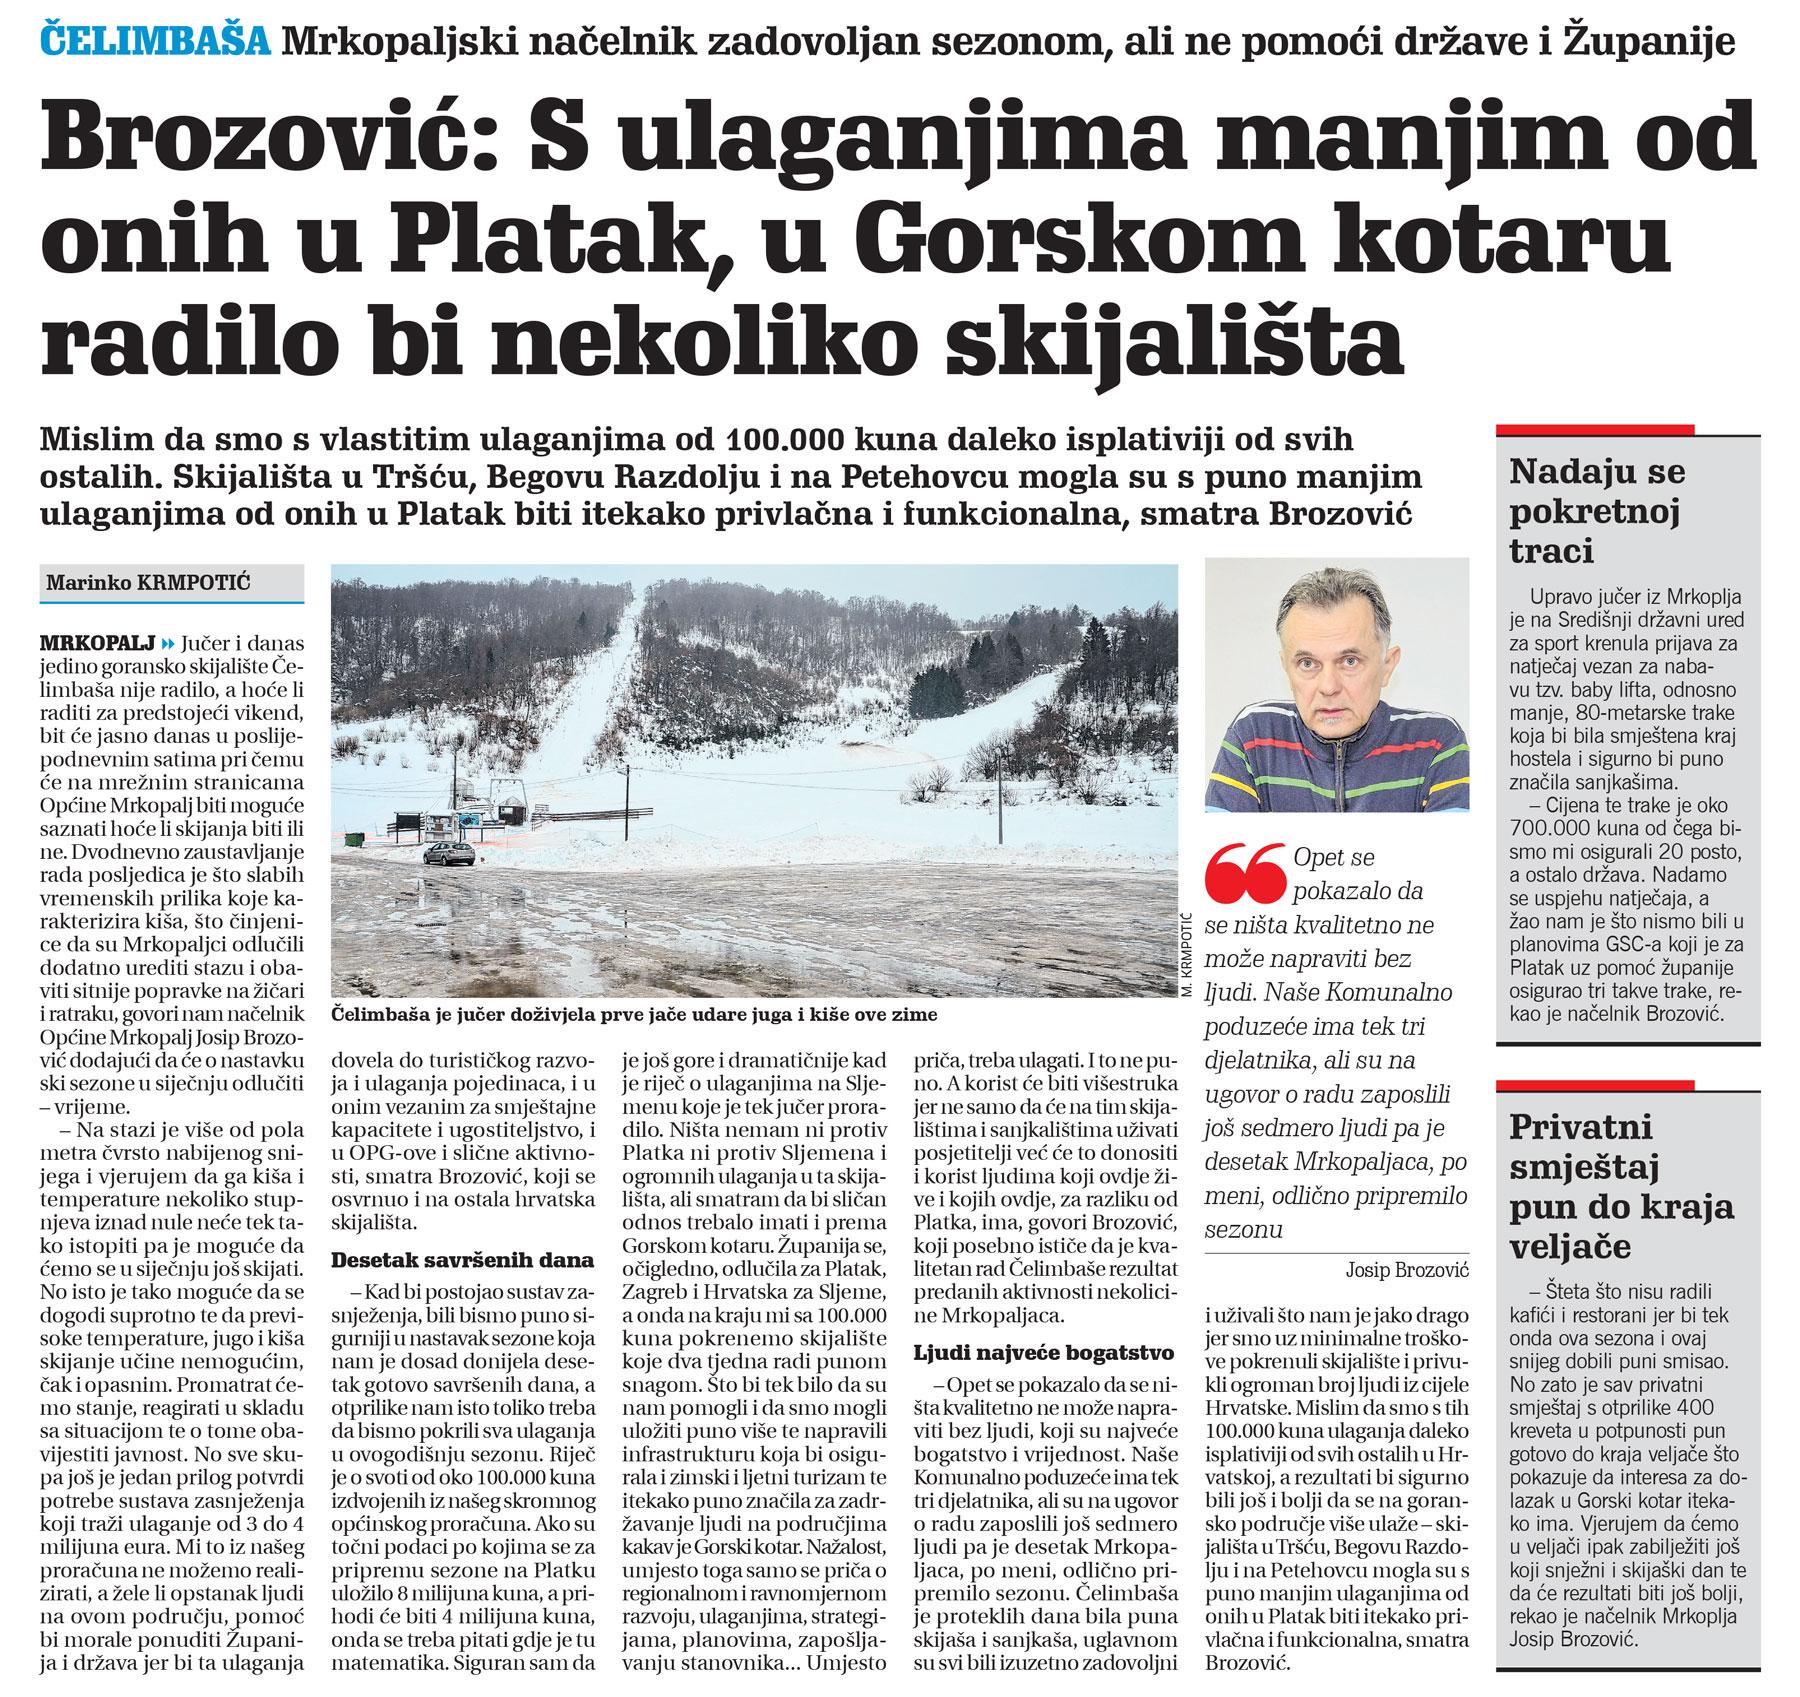 članak, novi list, mrkopaljski načelnik, zima, sezona